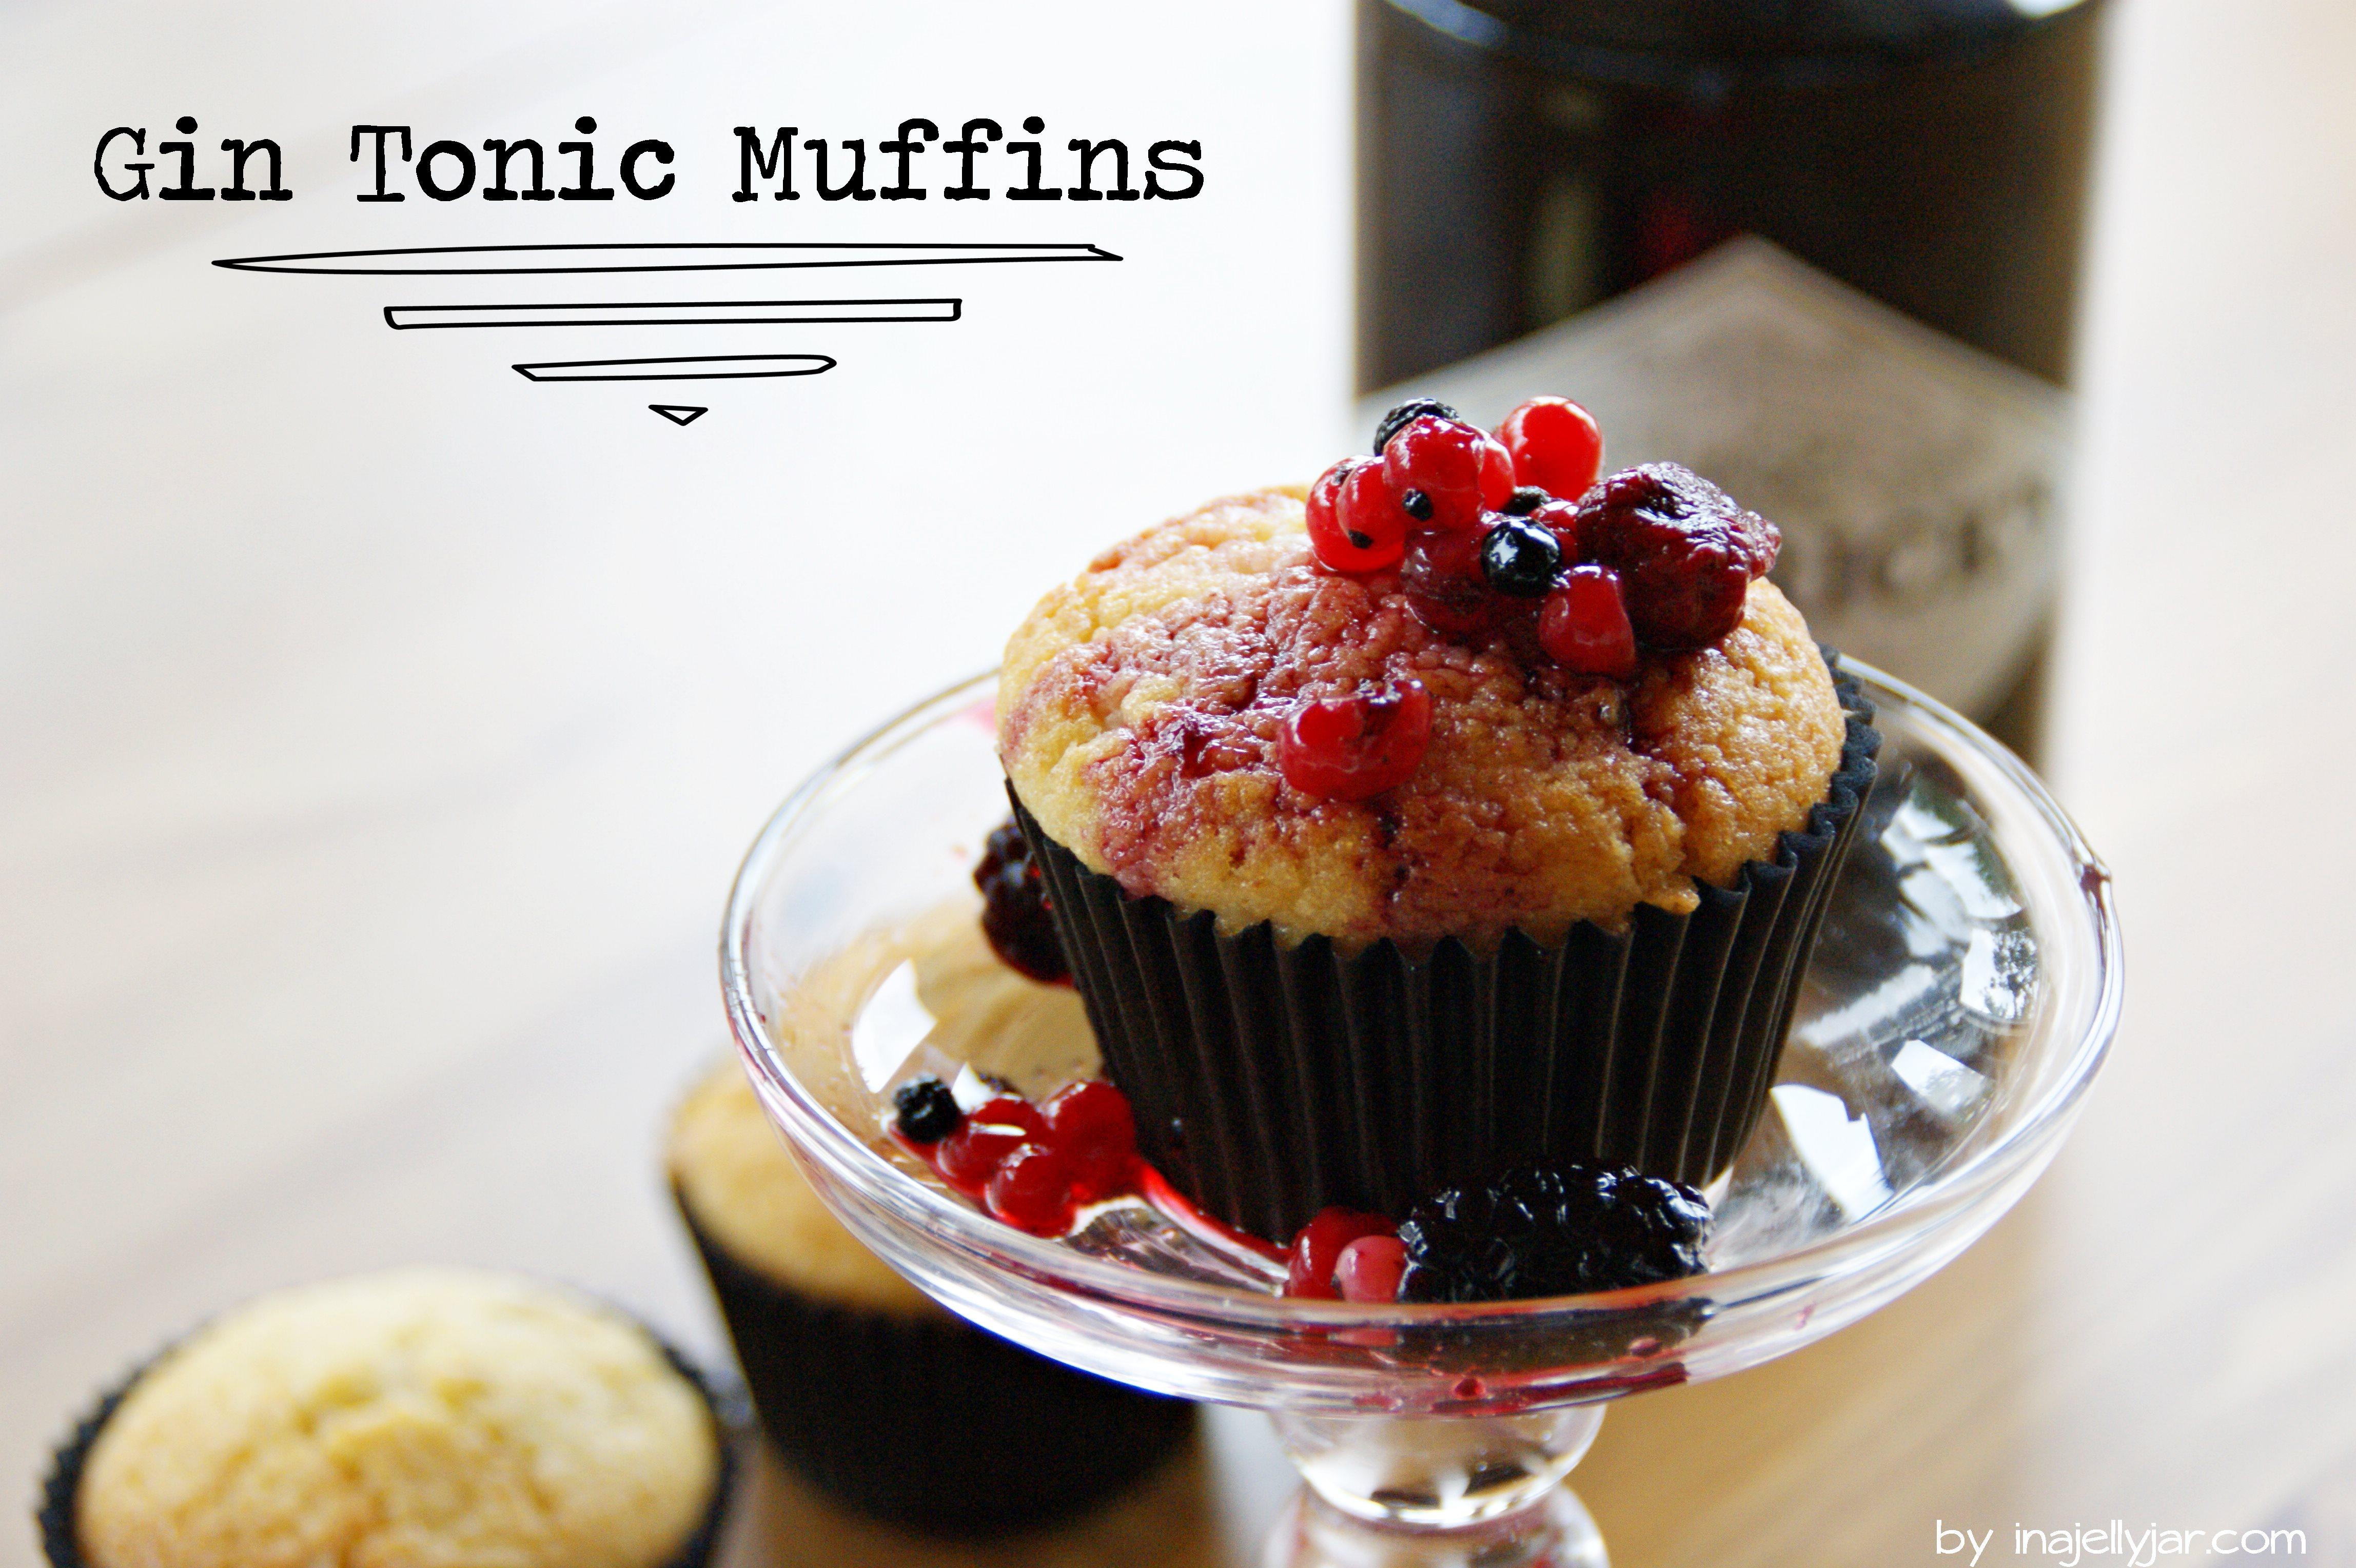 Gin-Tonic Muffins